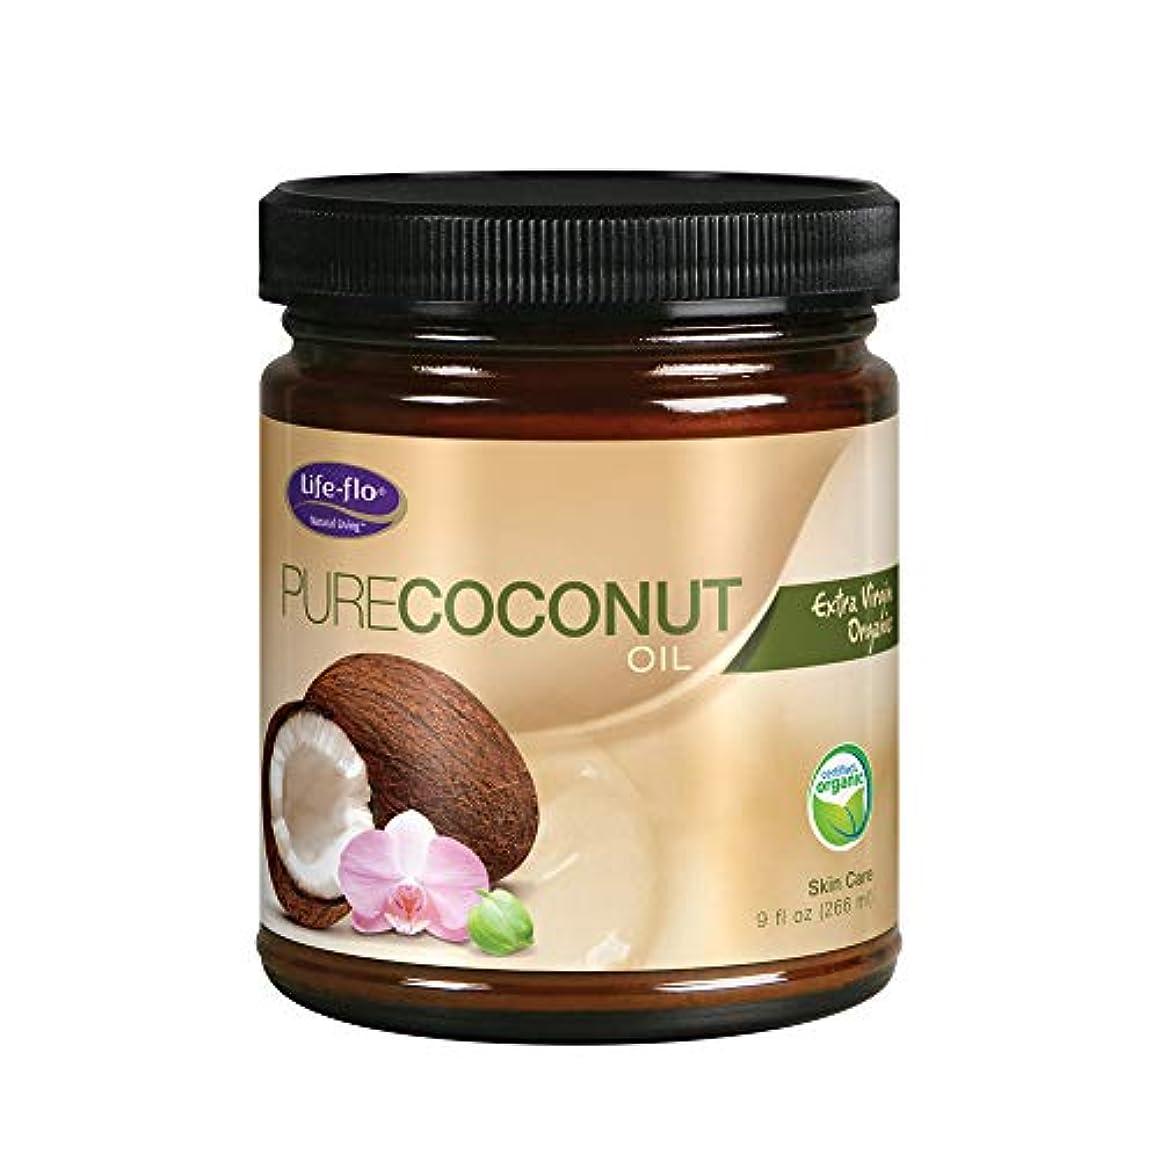 父方の軍艦変数海外直送品Life-Flo Pure Coconut Oil Organic Extra Virgin, 9 oz